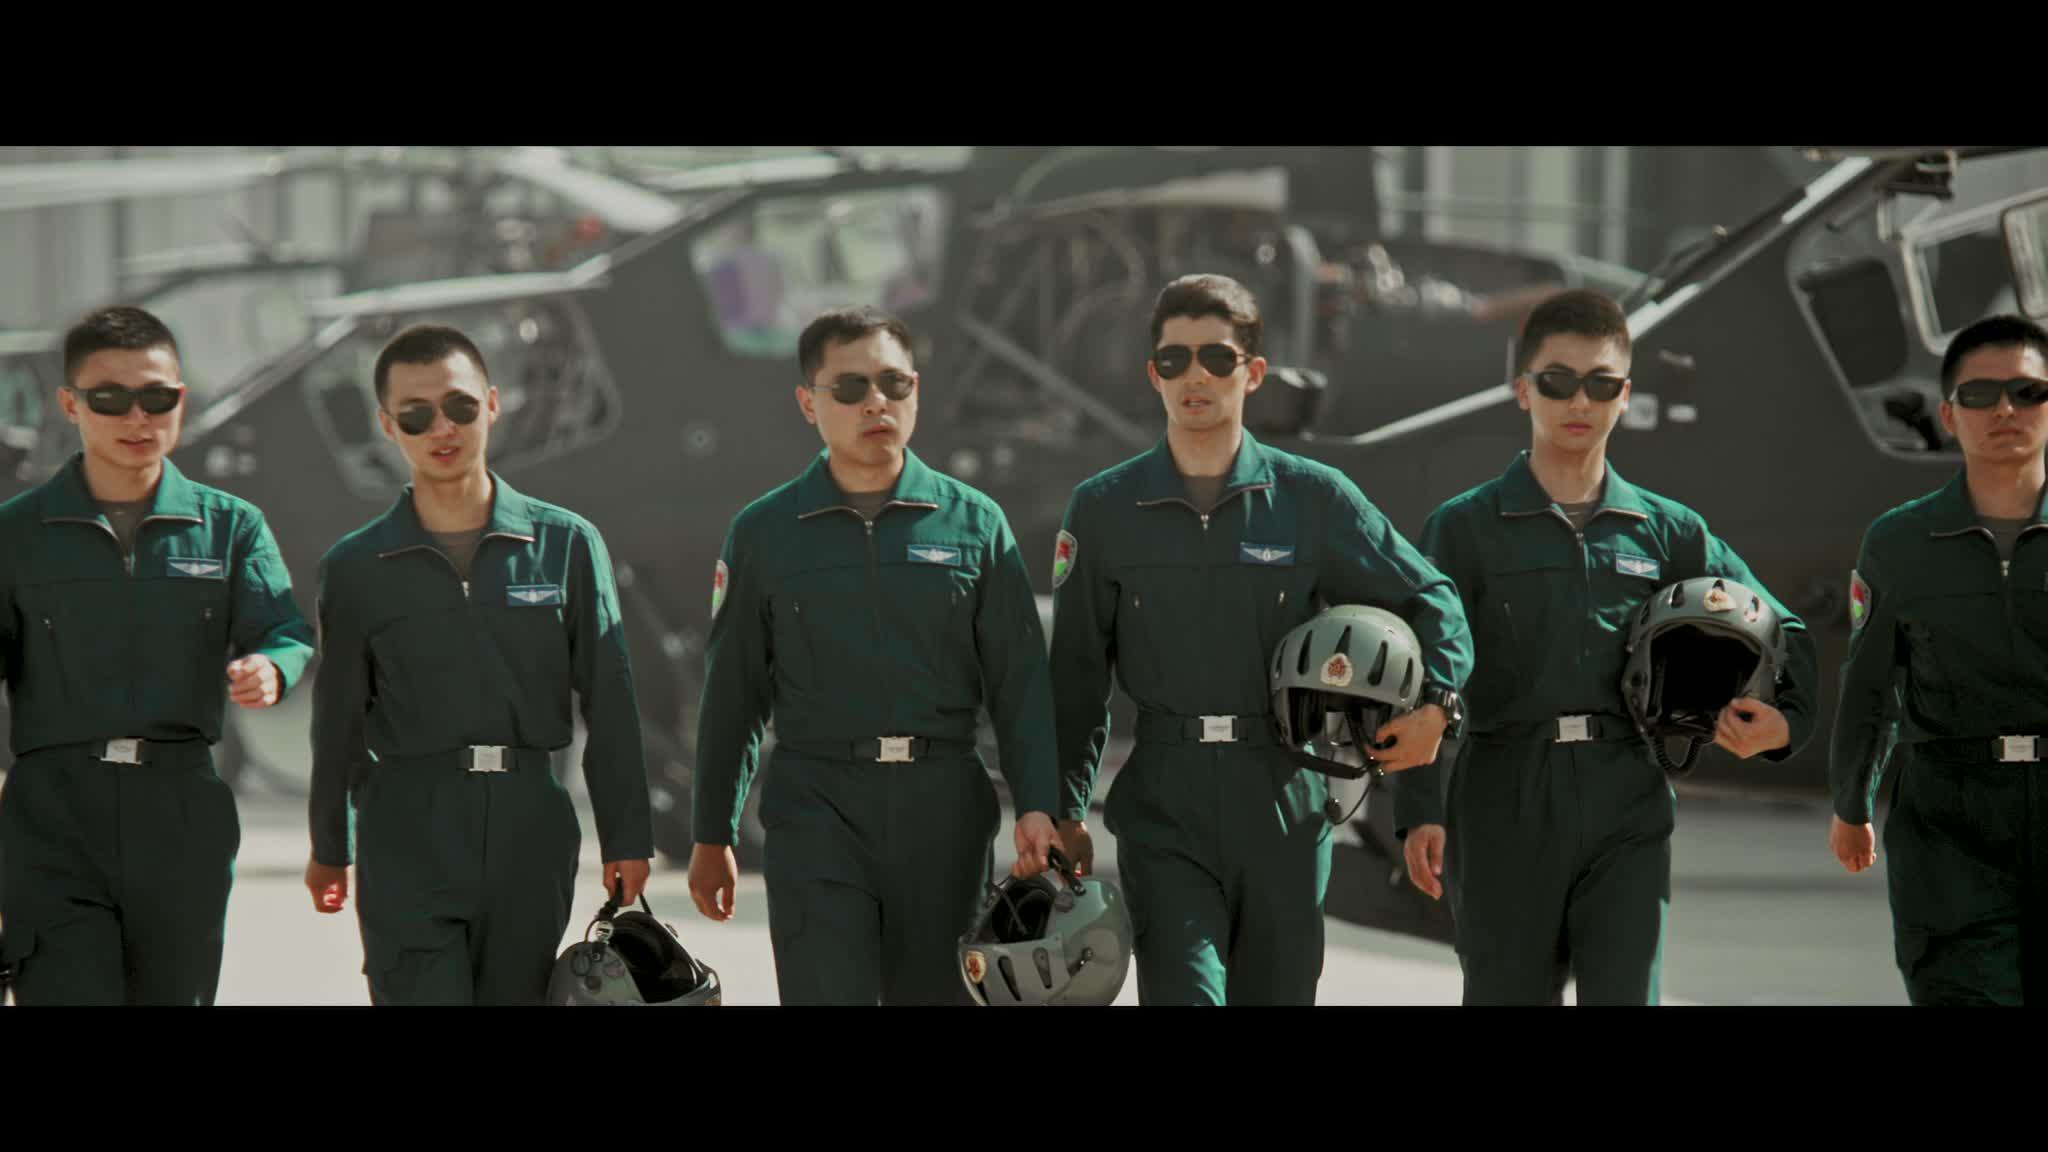 军委国防动员部征兵宣传片微电影版